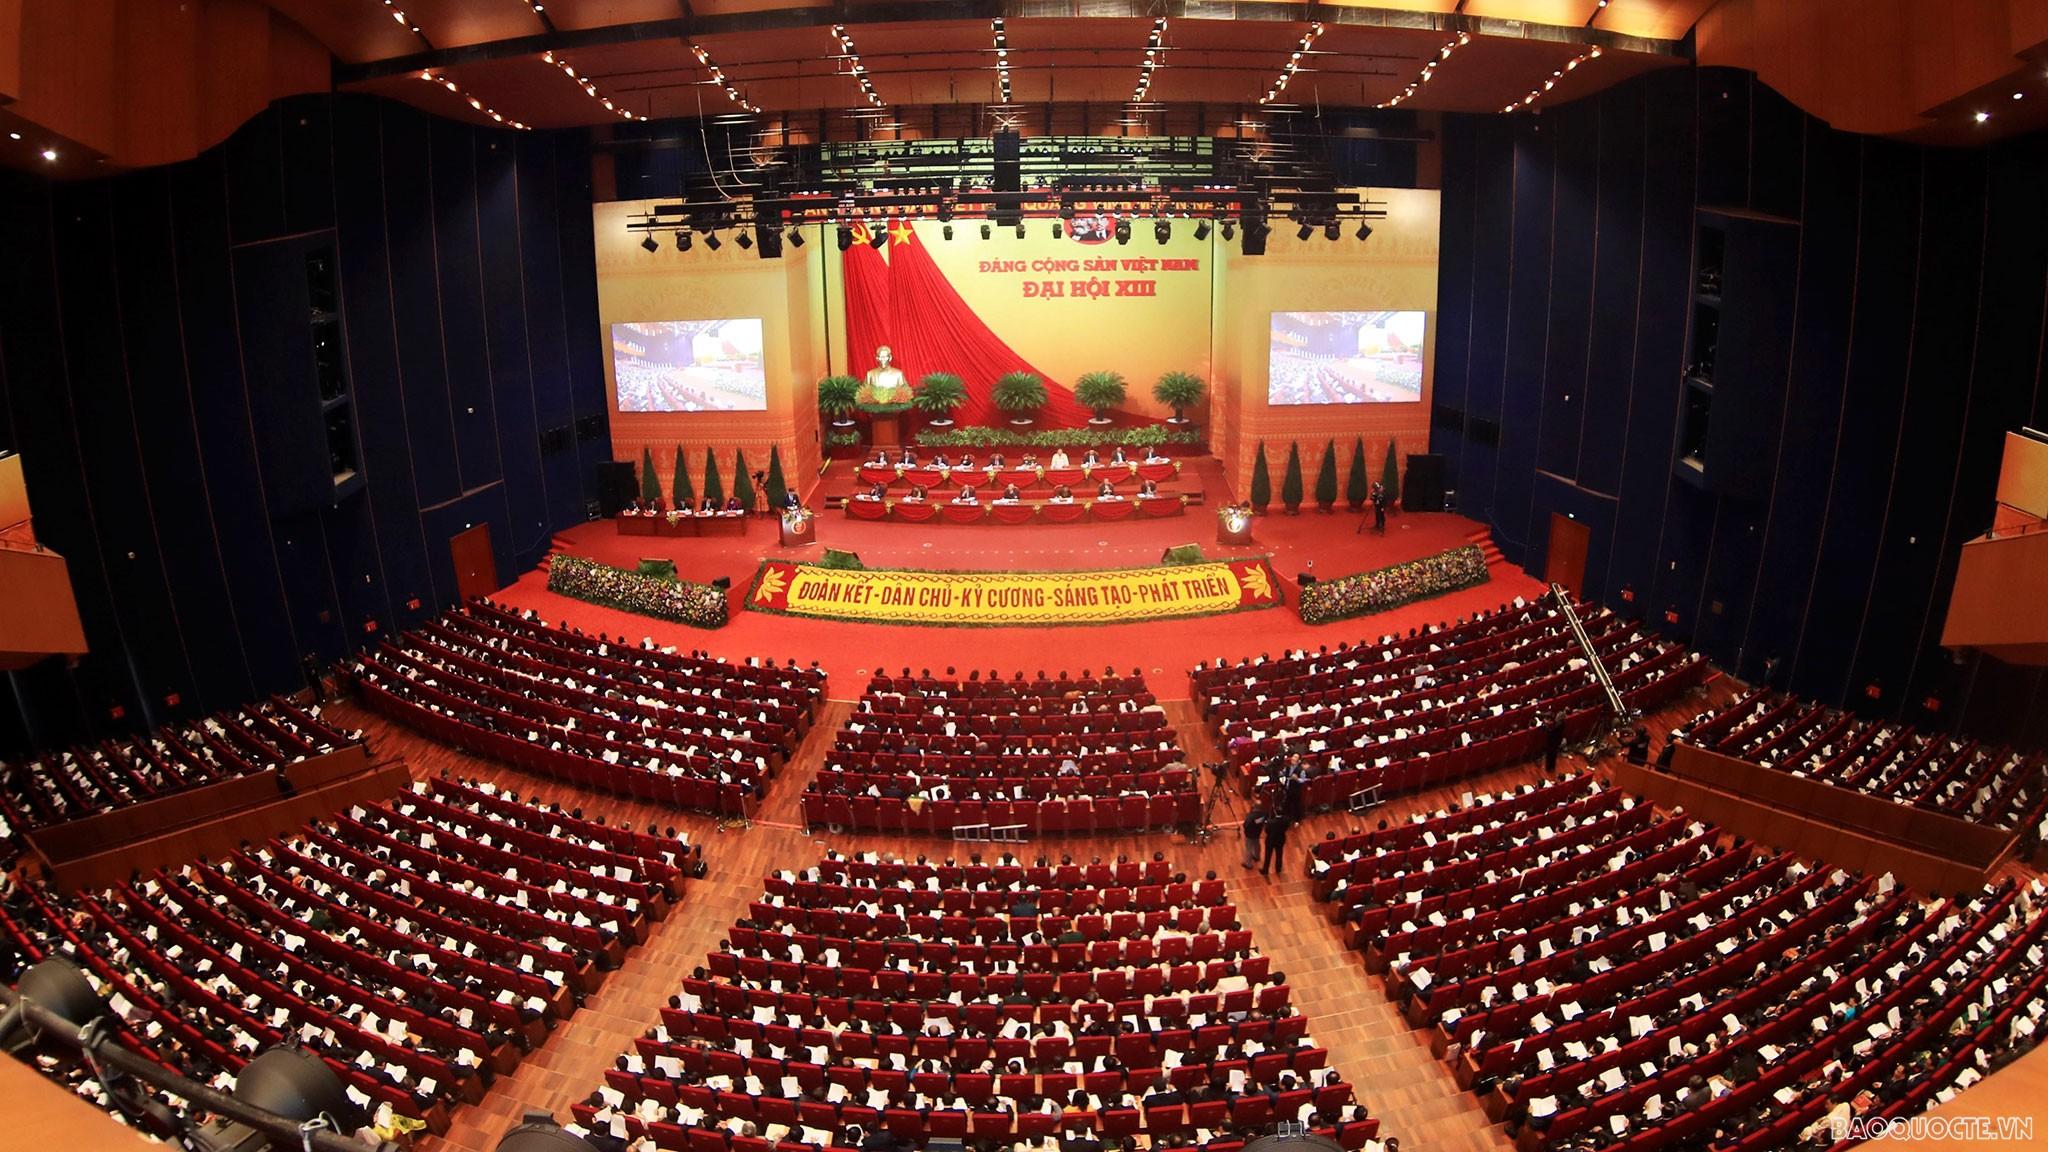 Hôm nay (28/1), Đại hội XIII nghe báo cáo về công tác nhân sự Ban Chấp hành Trung ương